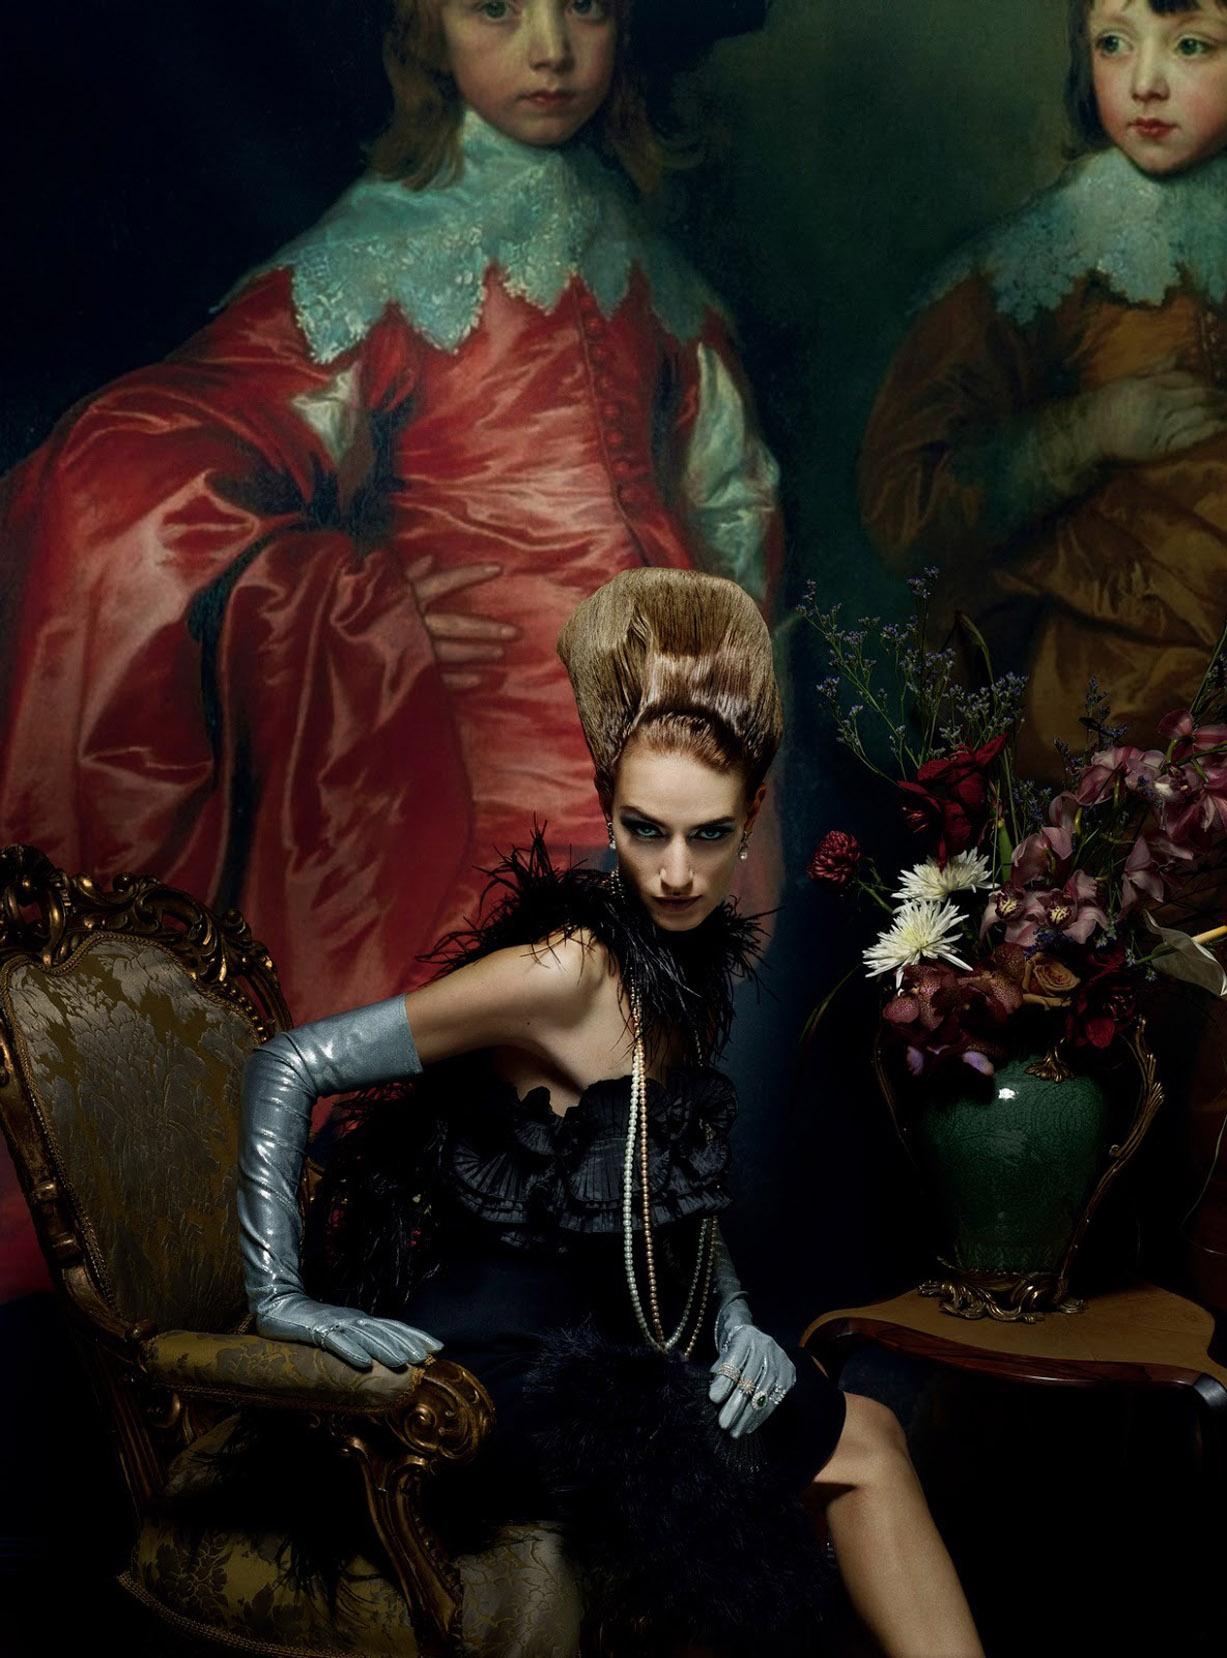 Joie de Vivre by Mert Alas and Marcus Piggott / Vogue UK march 2019